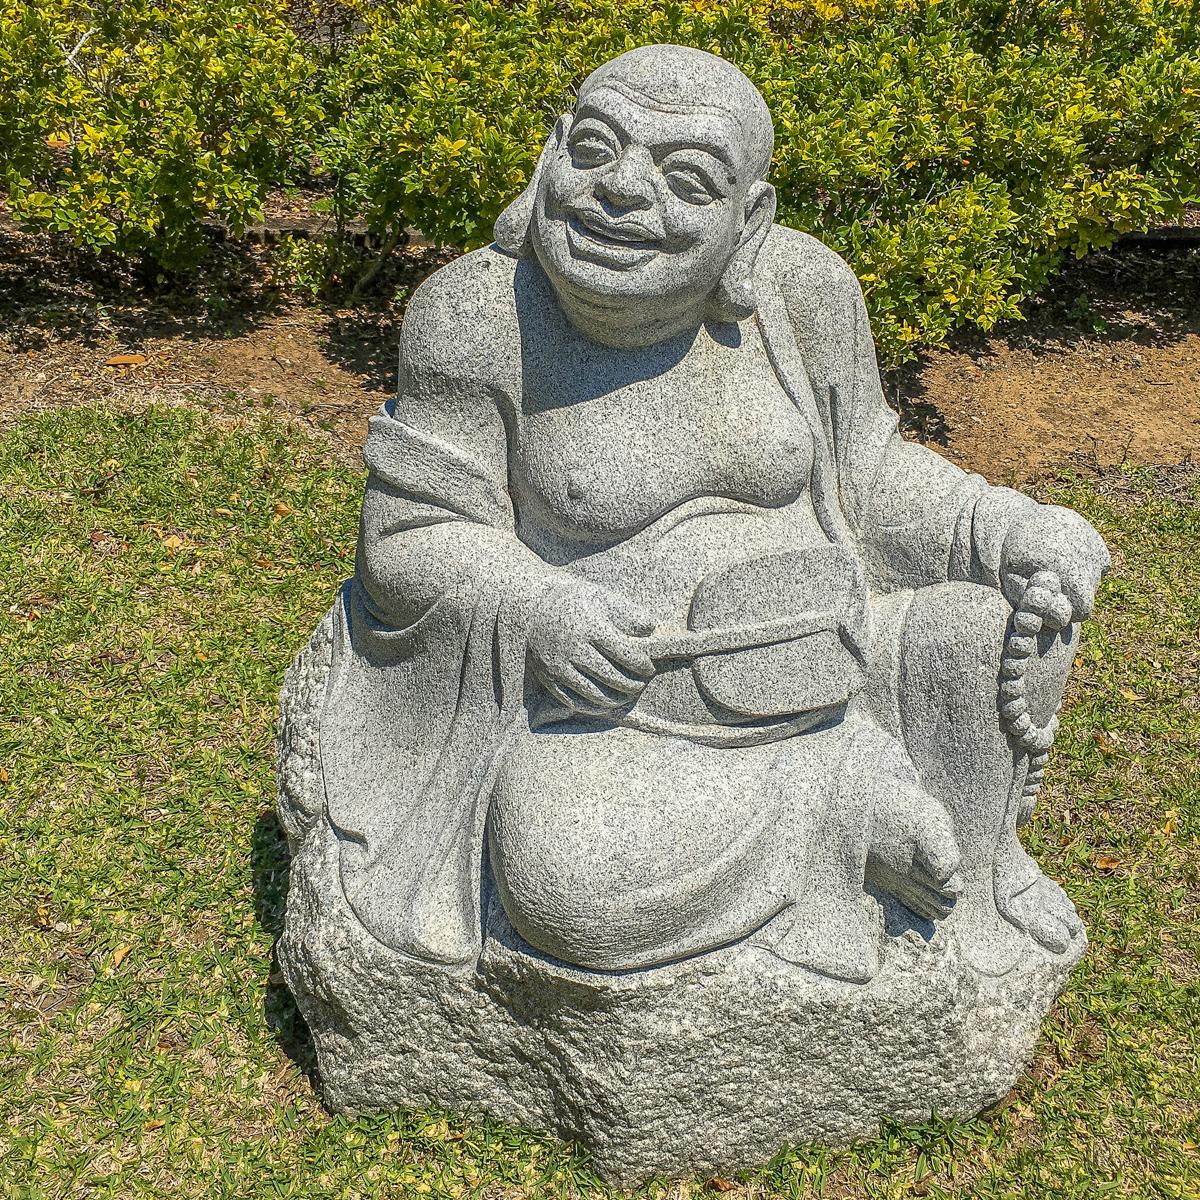 Chung Tian Buddhist Temple Sculpture Garden